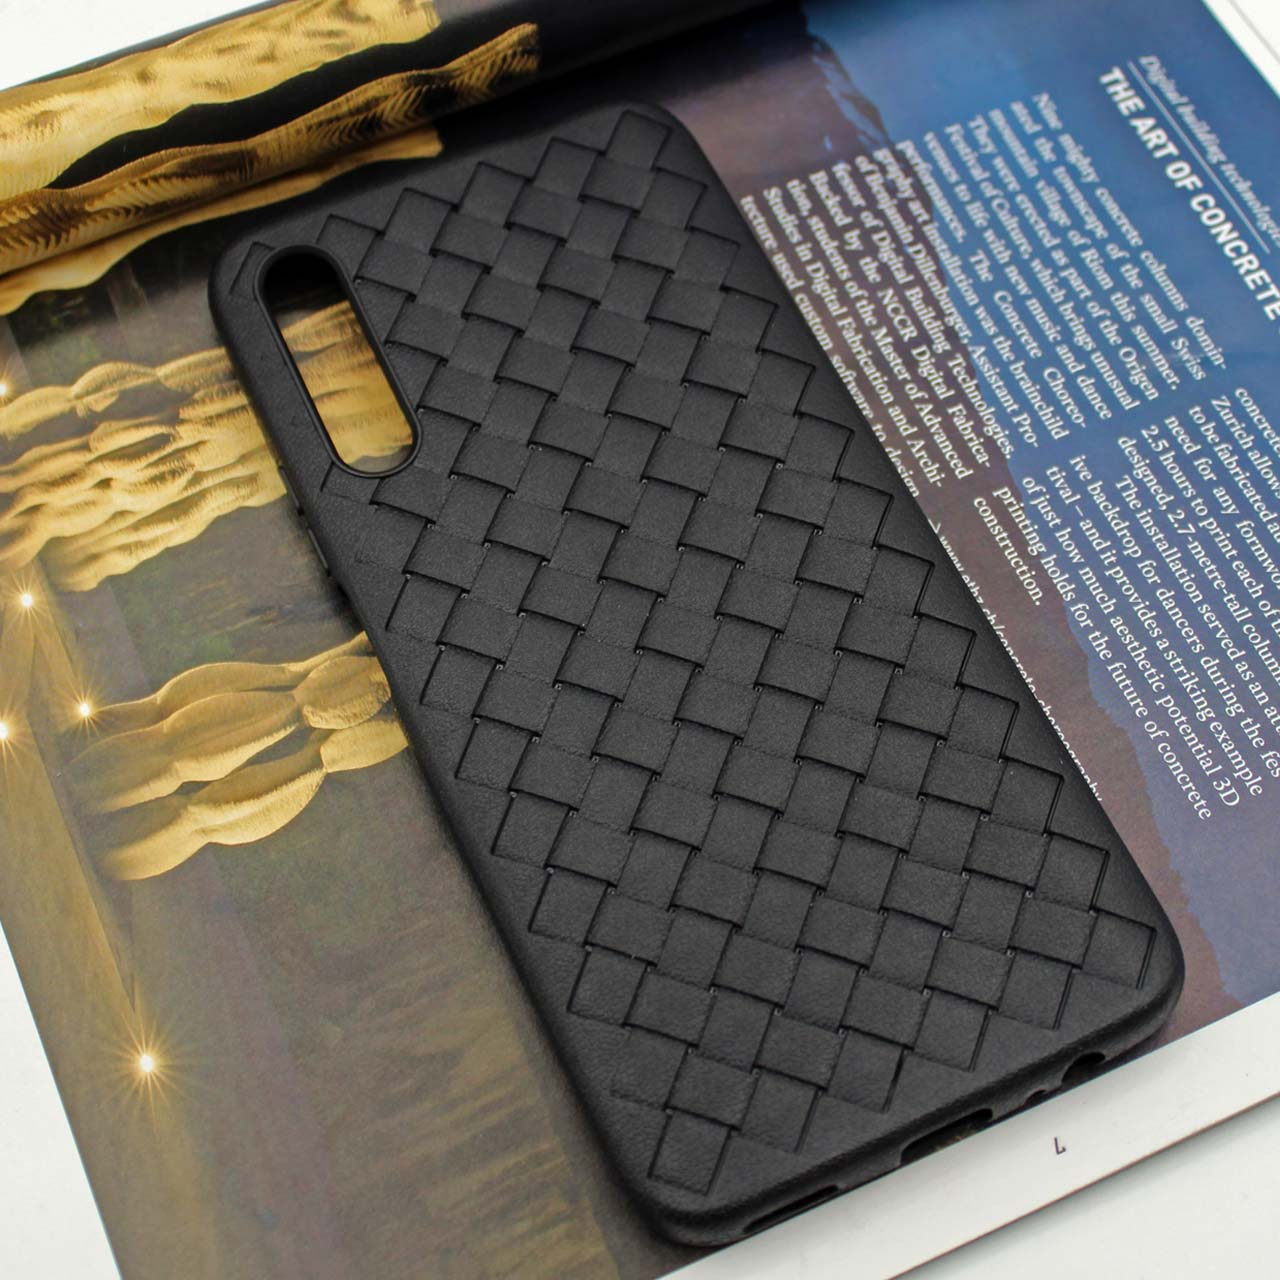 کاور کینگ پاور مدل HA21 مناسب برای گوشی موبایل هوآوی Y9s